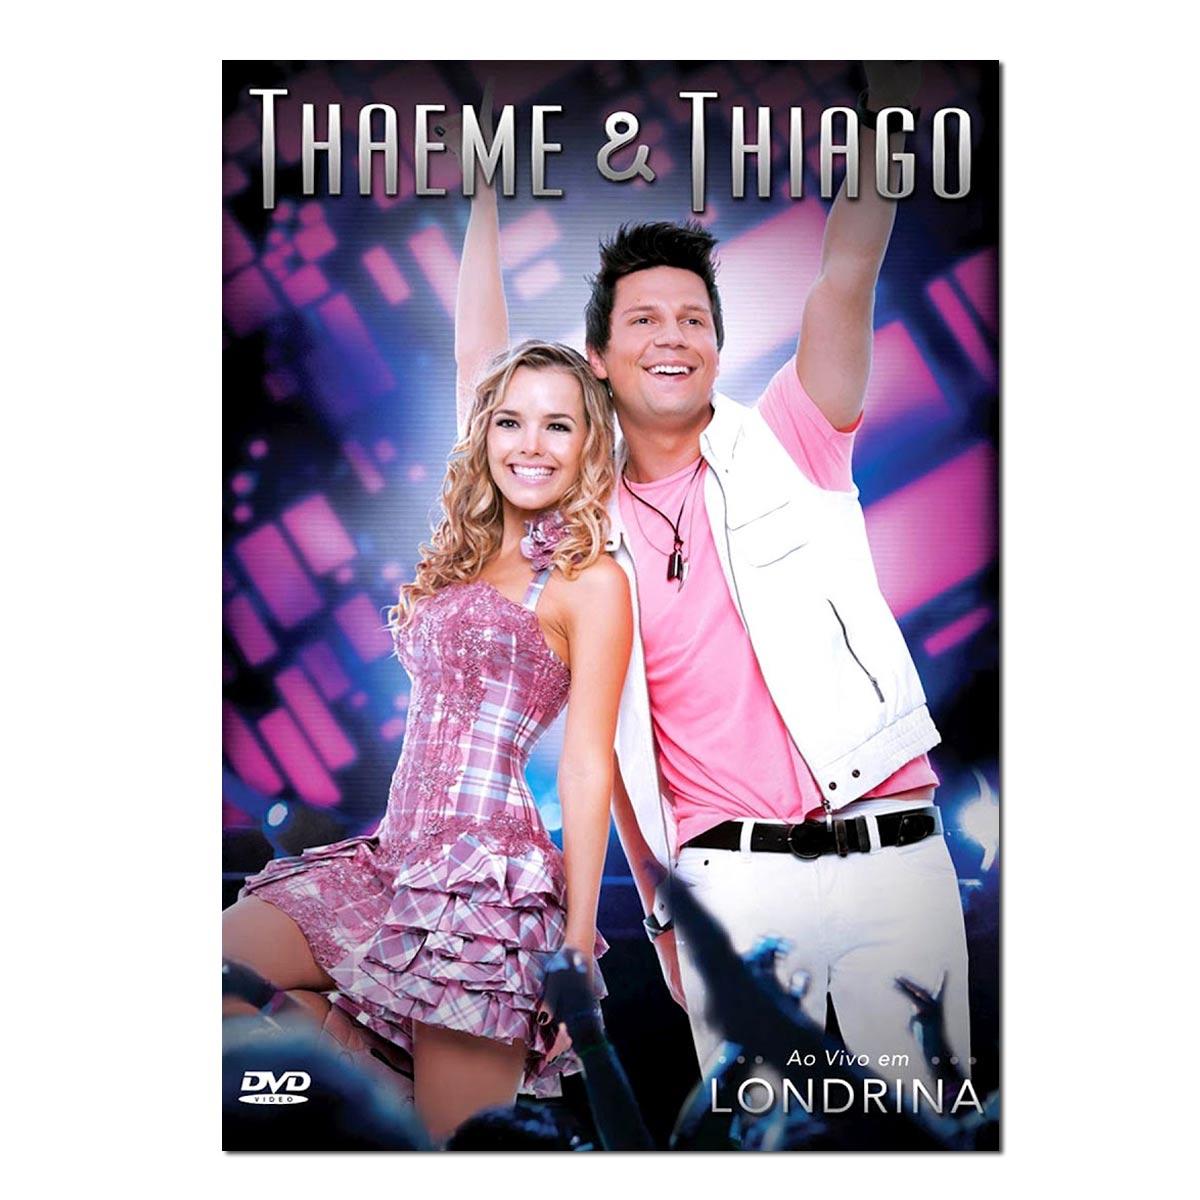 DVD Thaeme & Thiago - Ao Vivo em Londrina